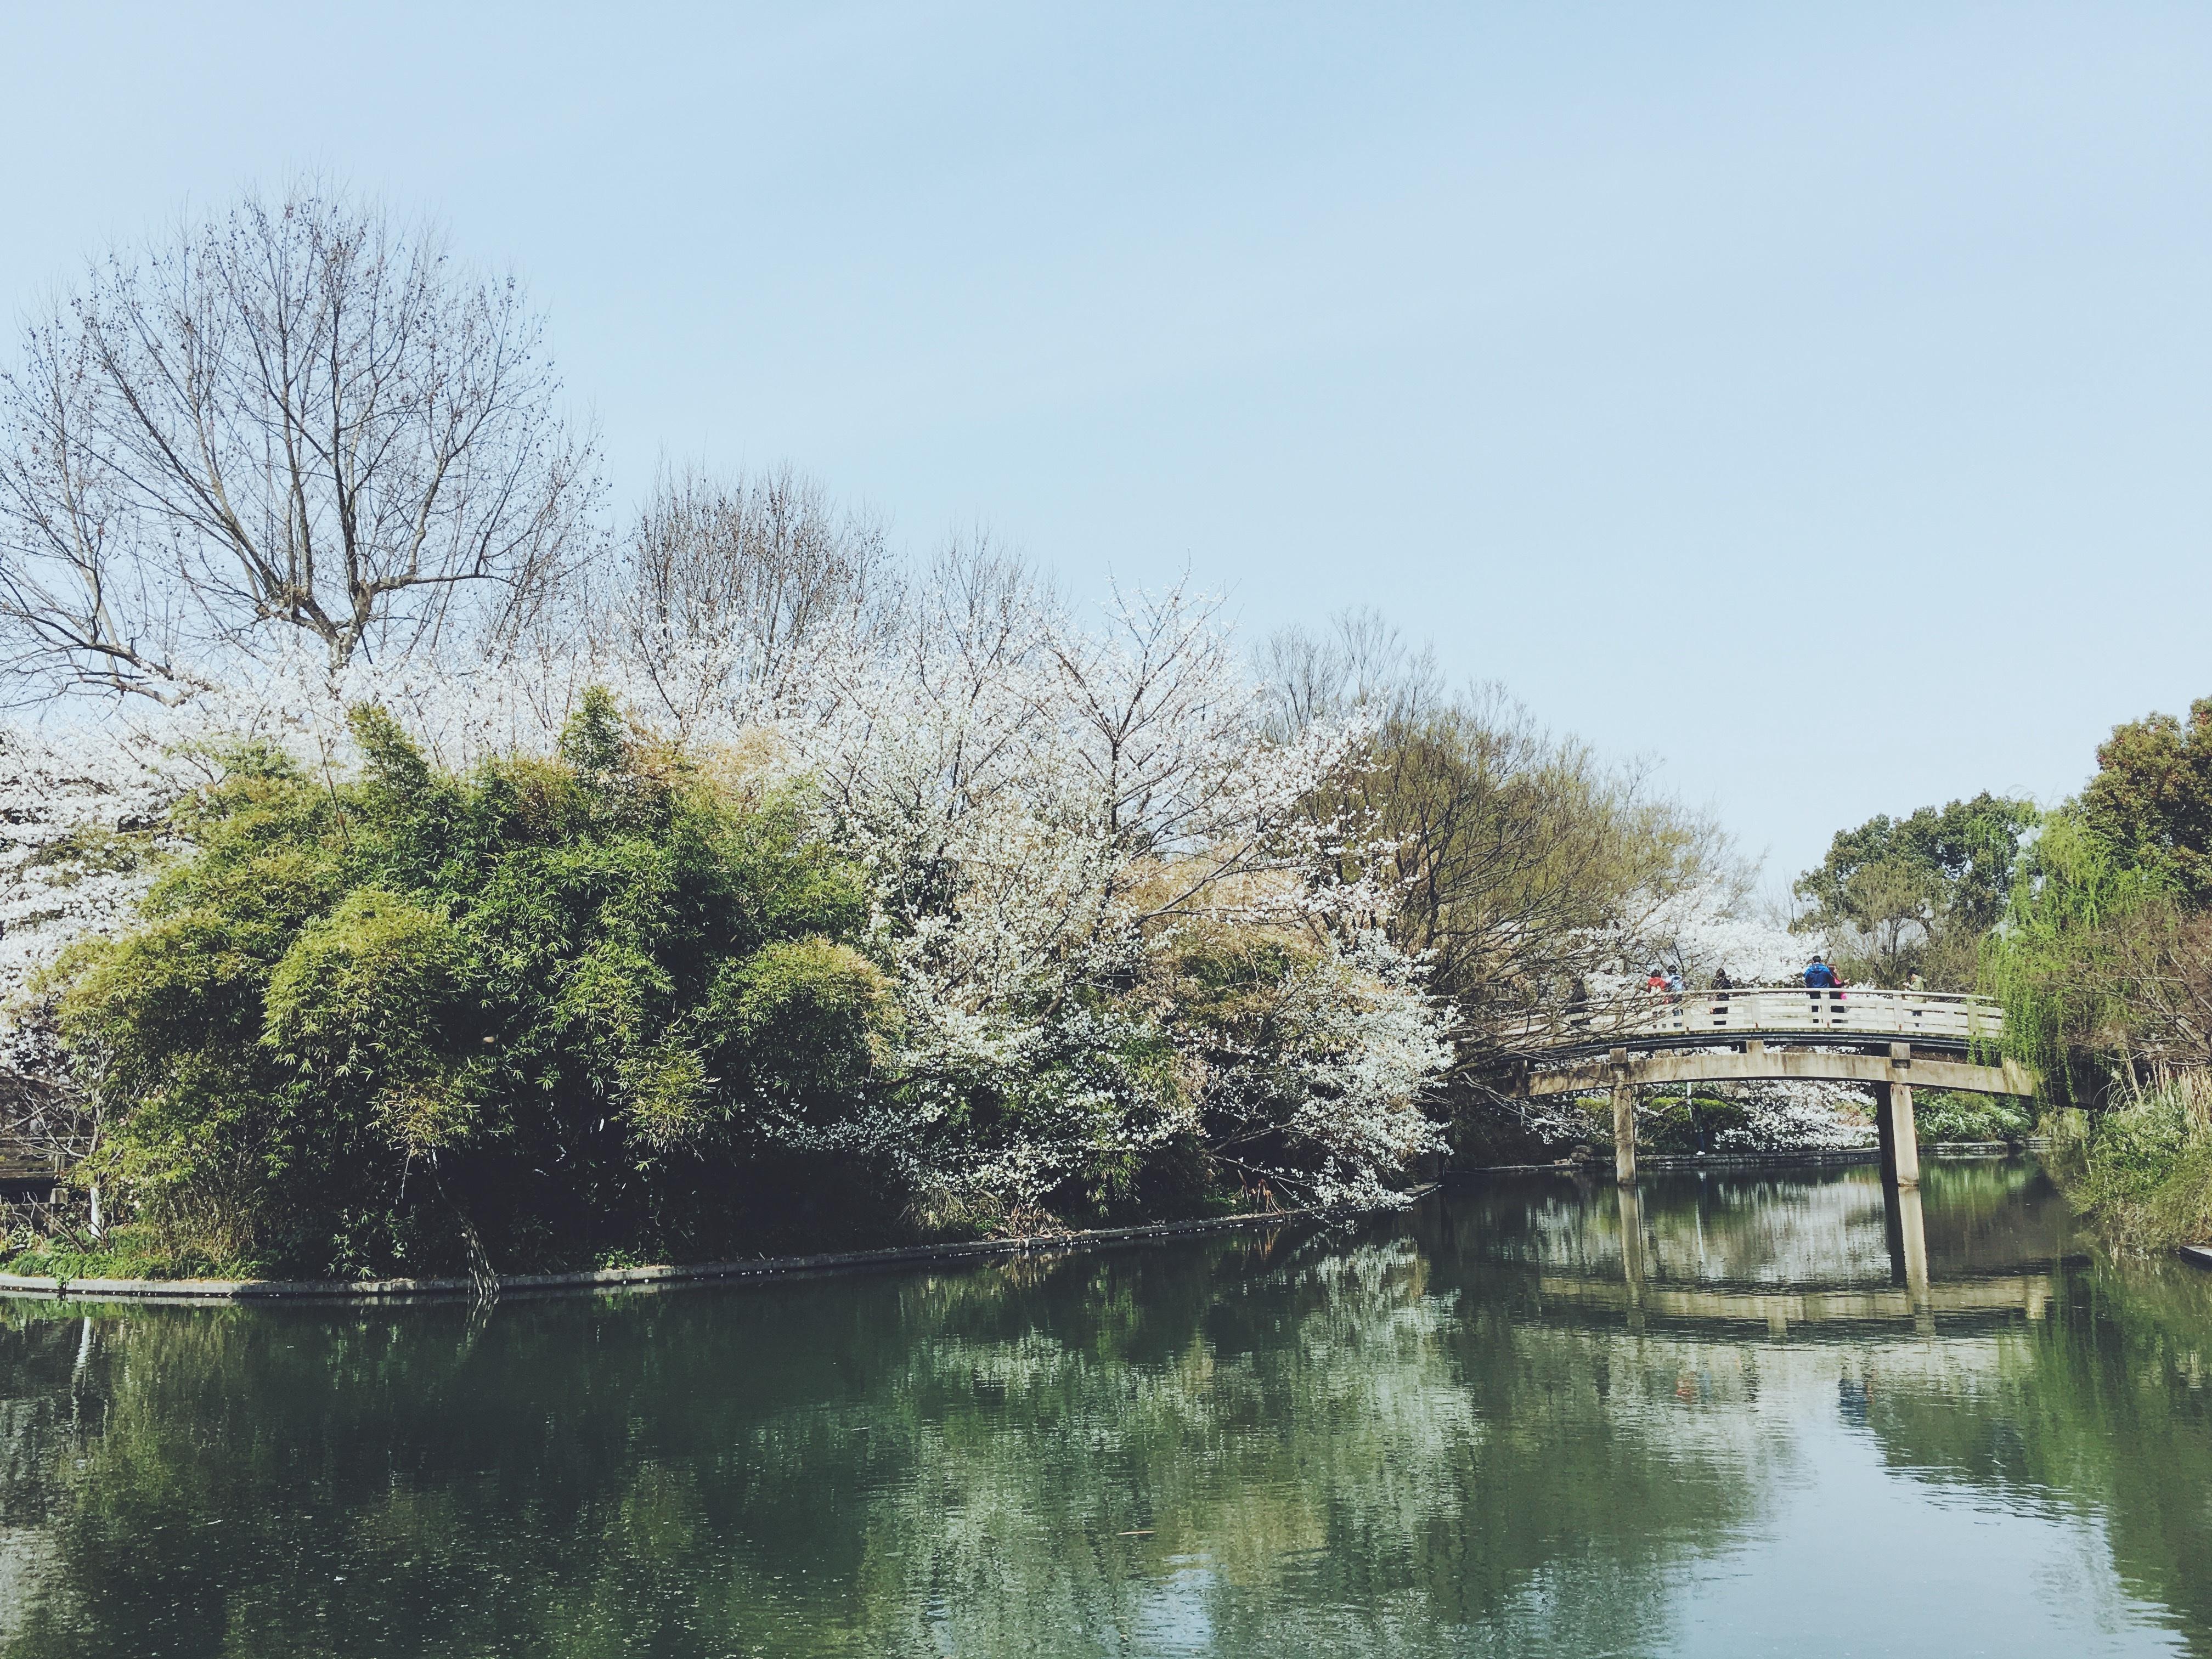 Images Gratuites Arbre Eau Plante Fleur Lac Riviere Canal